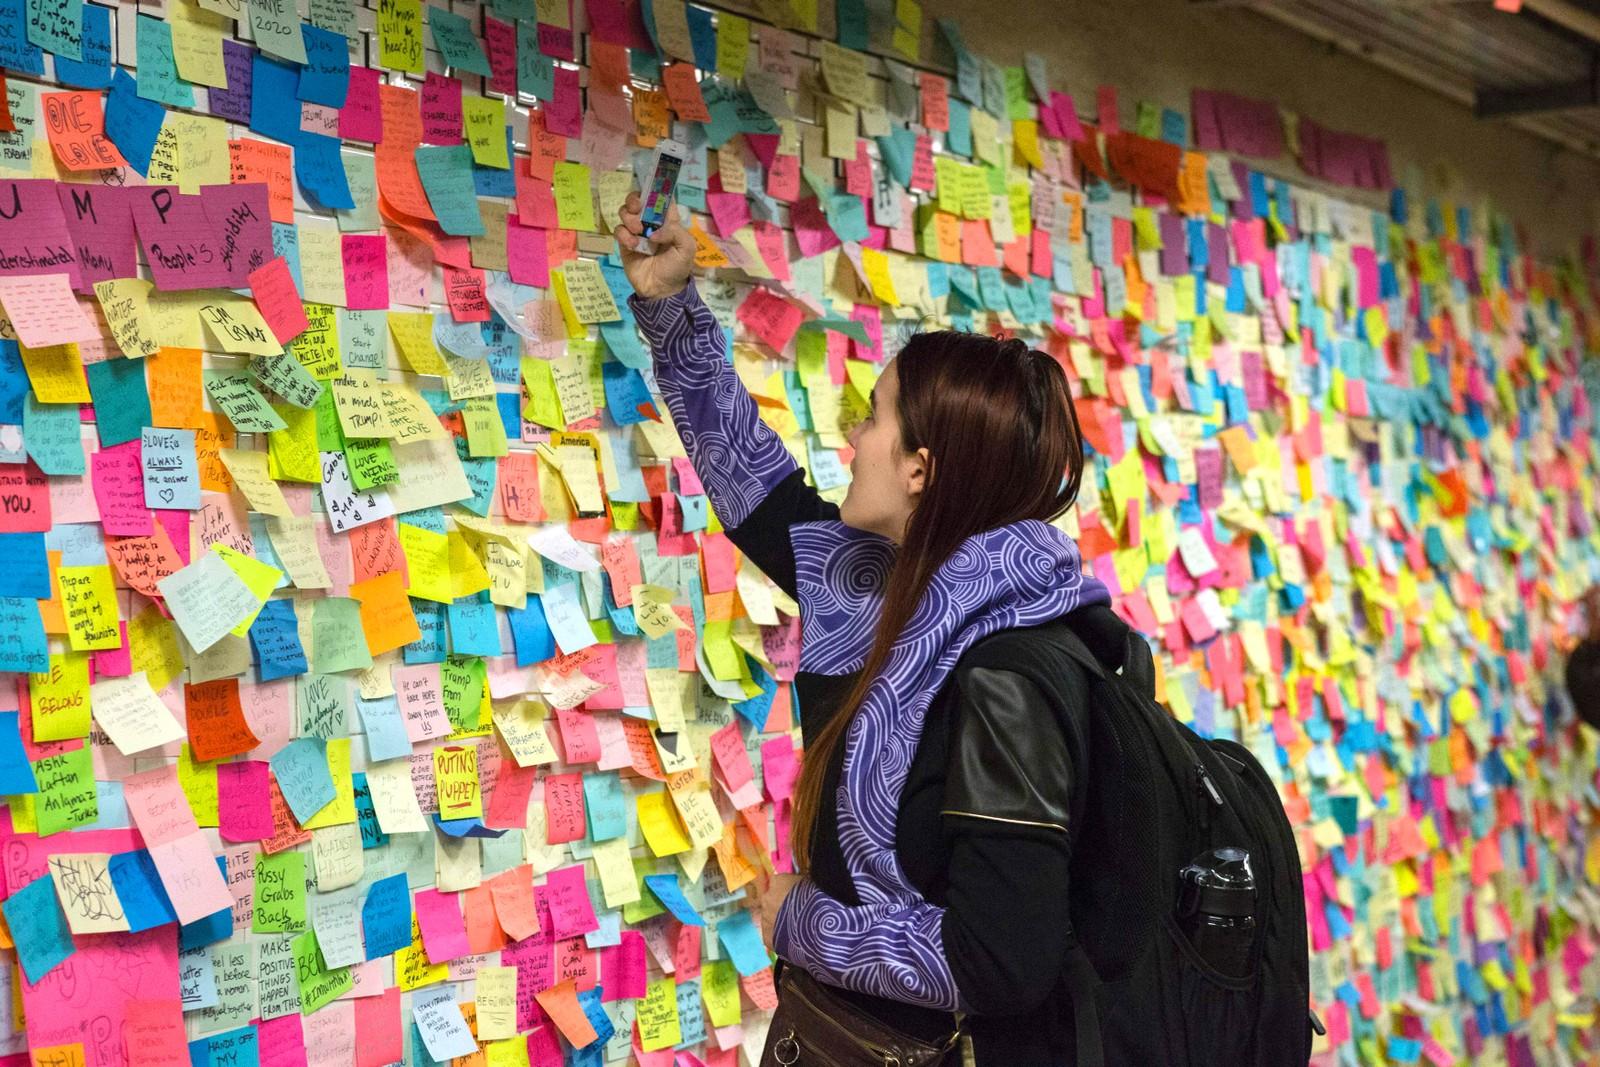 En kvinne klistrer en lapp på kunstverket 'Subway Therapy' på T-banestasjonen i Union Square i New York. Installasjonen så sitt lys dagen etter Donald Trump ble valgt til president. Folk oppfordres til å dele tanker og følelser.